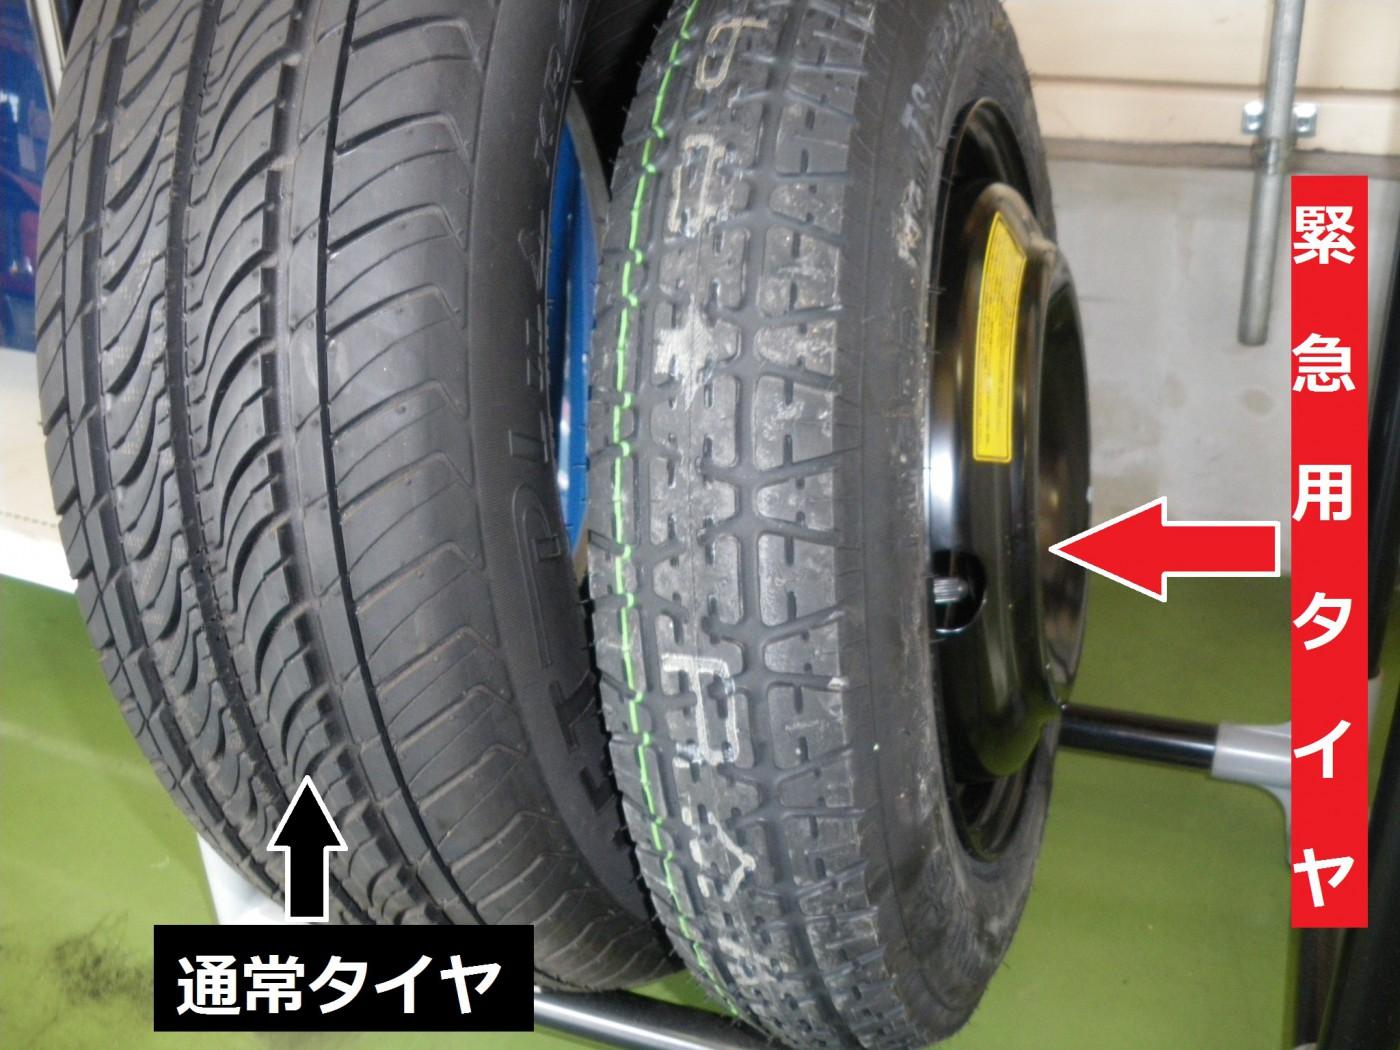 走行 スペア 距離 タイヤ